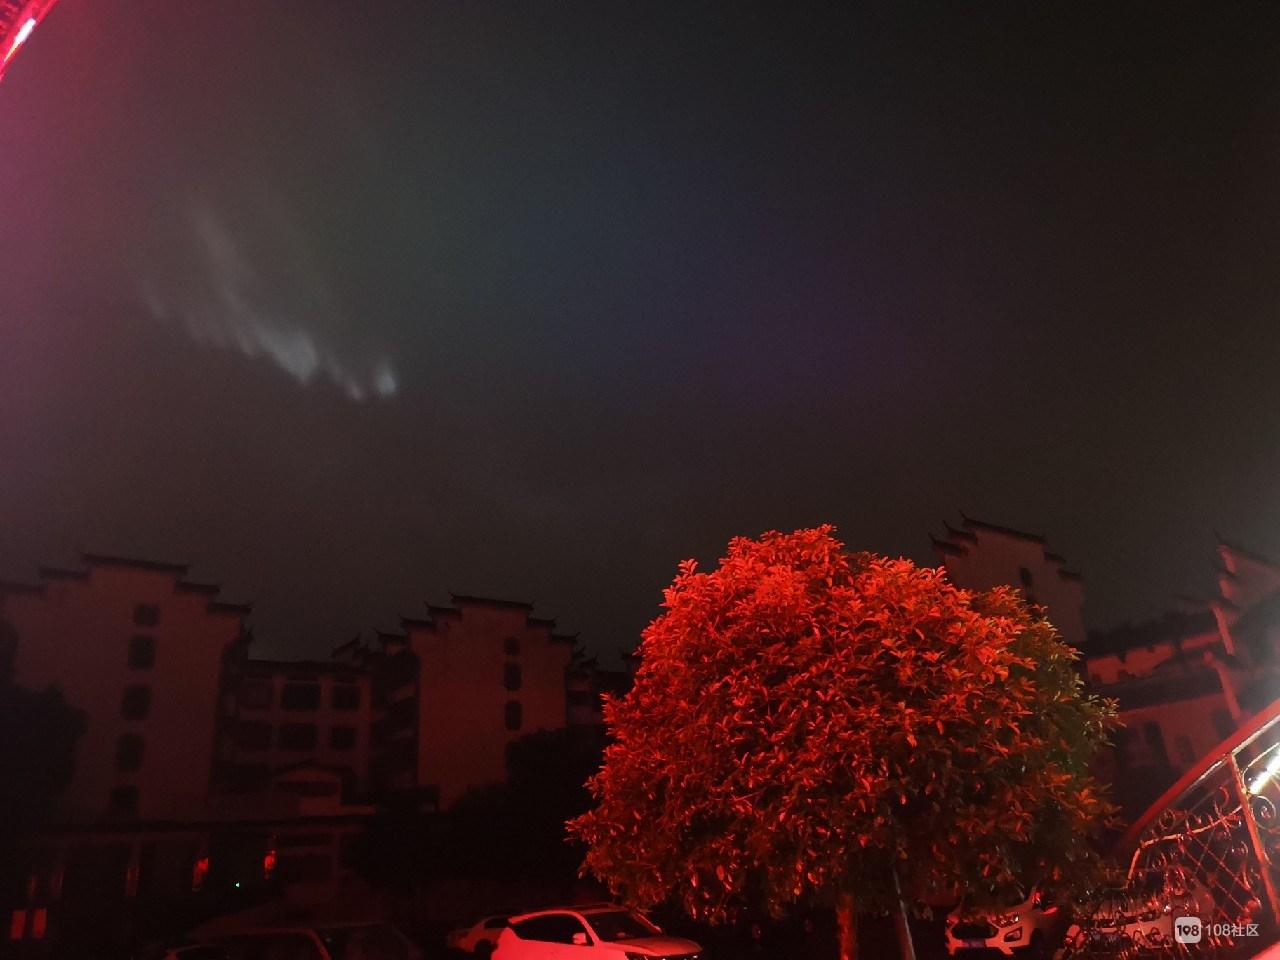 真有UFO吗?凌晨衢州上空现神奇亮光,持续半小时